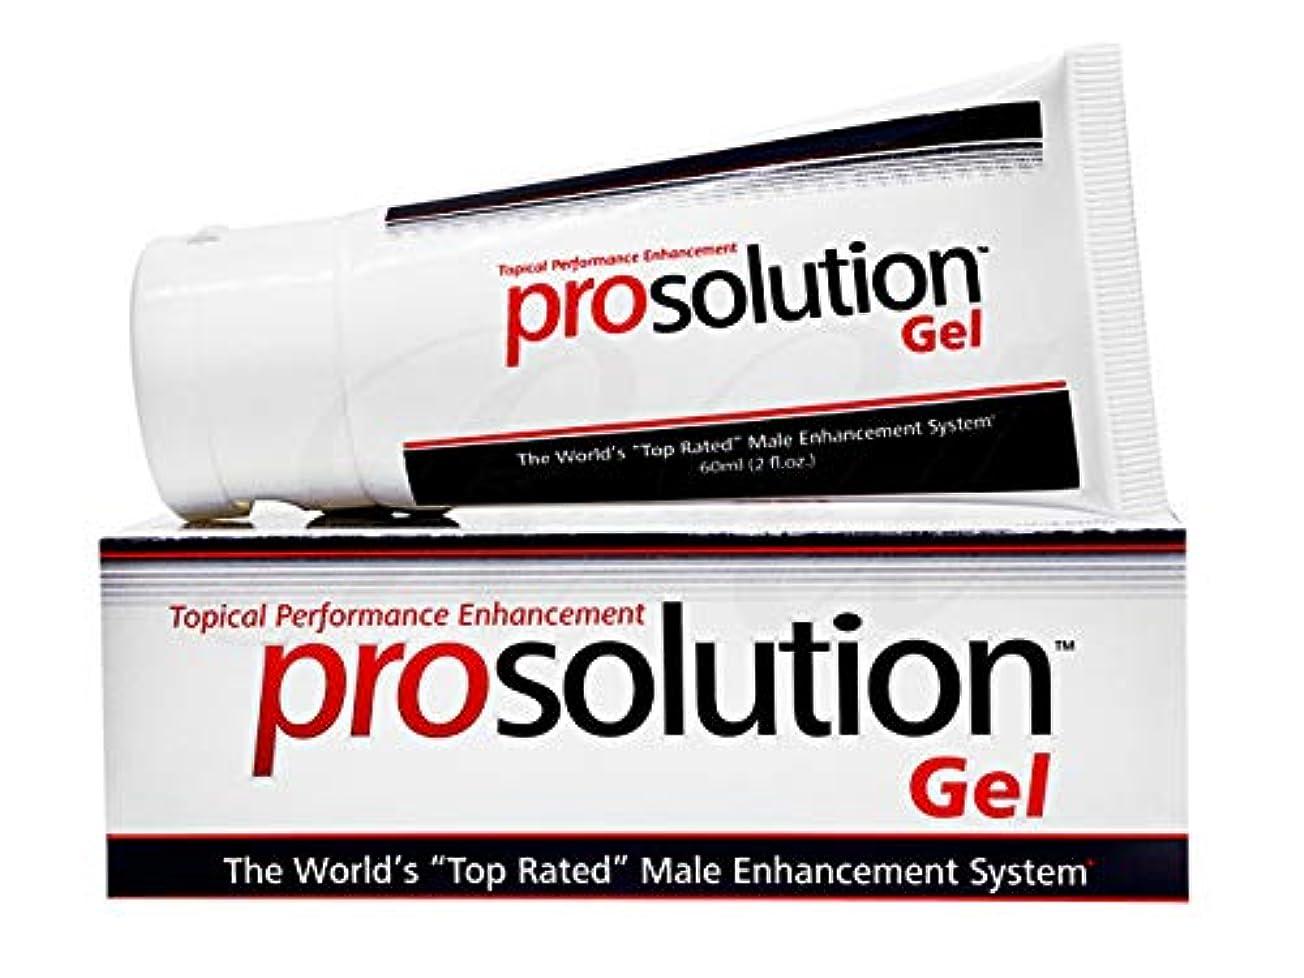 ところでまた明日ね【海外直送】プロソリューションジェル (ProSolution Gel) 60ml×1本